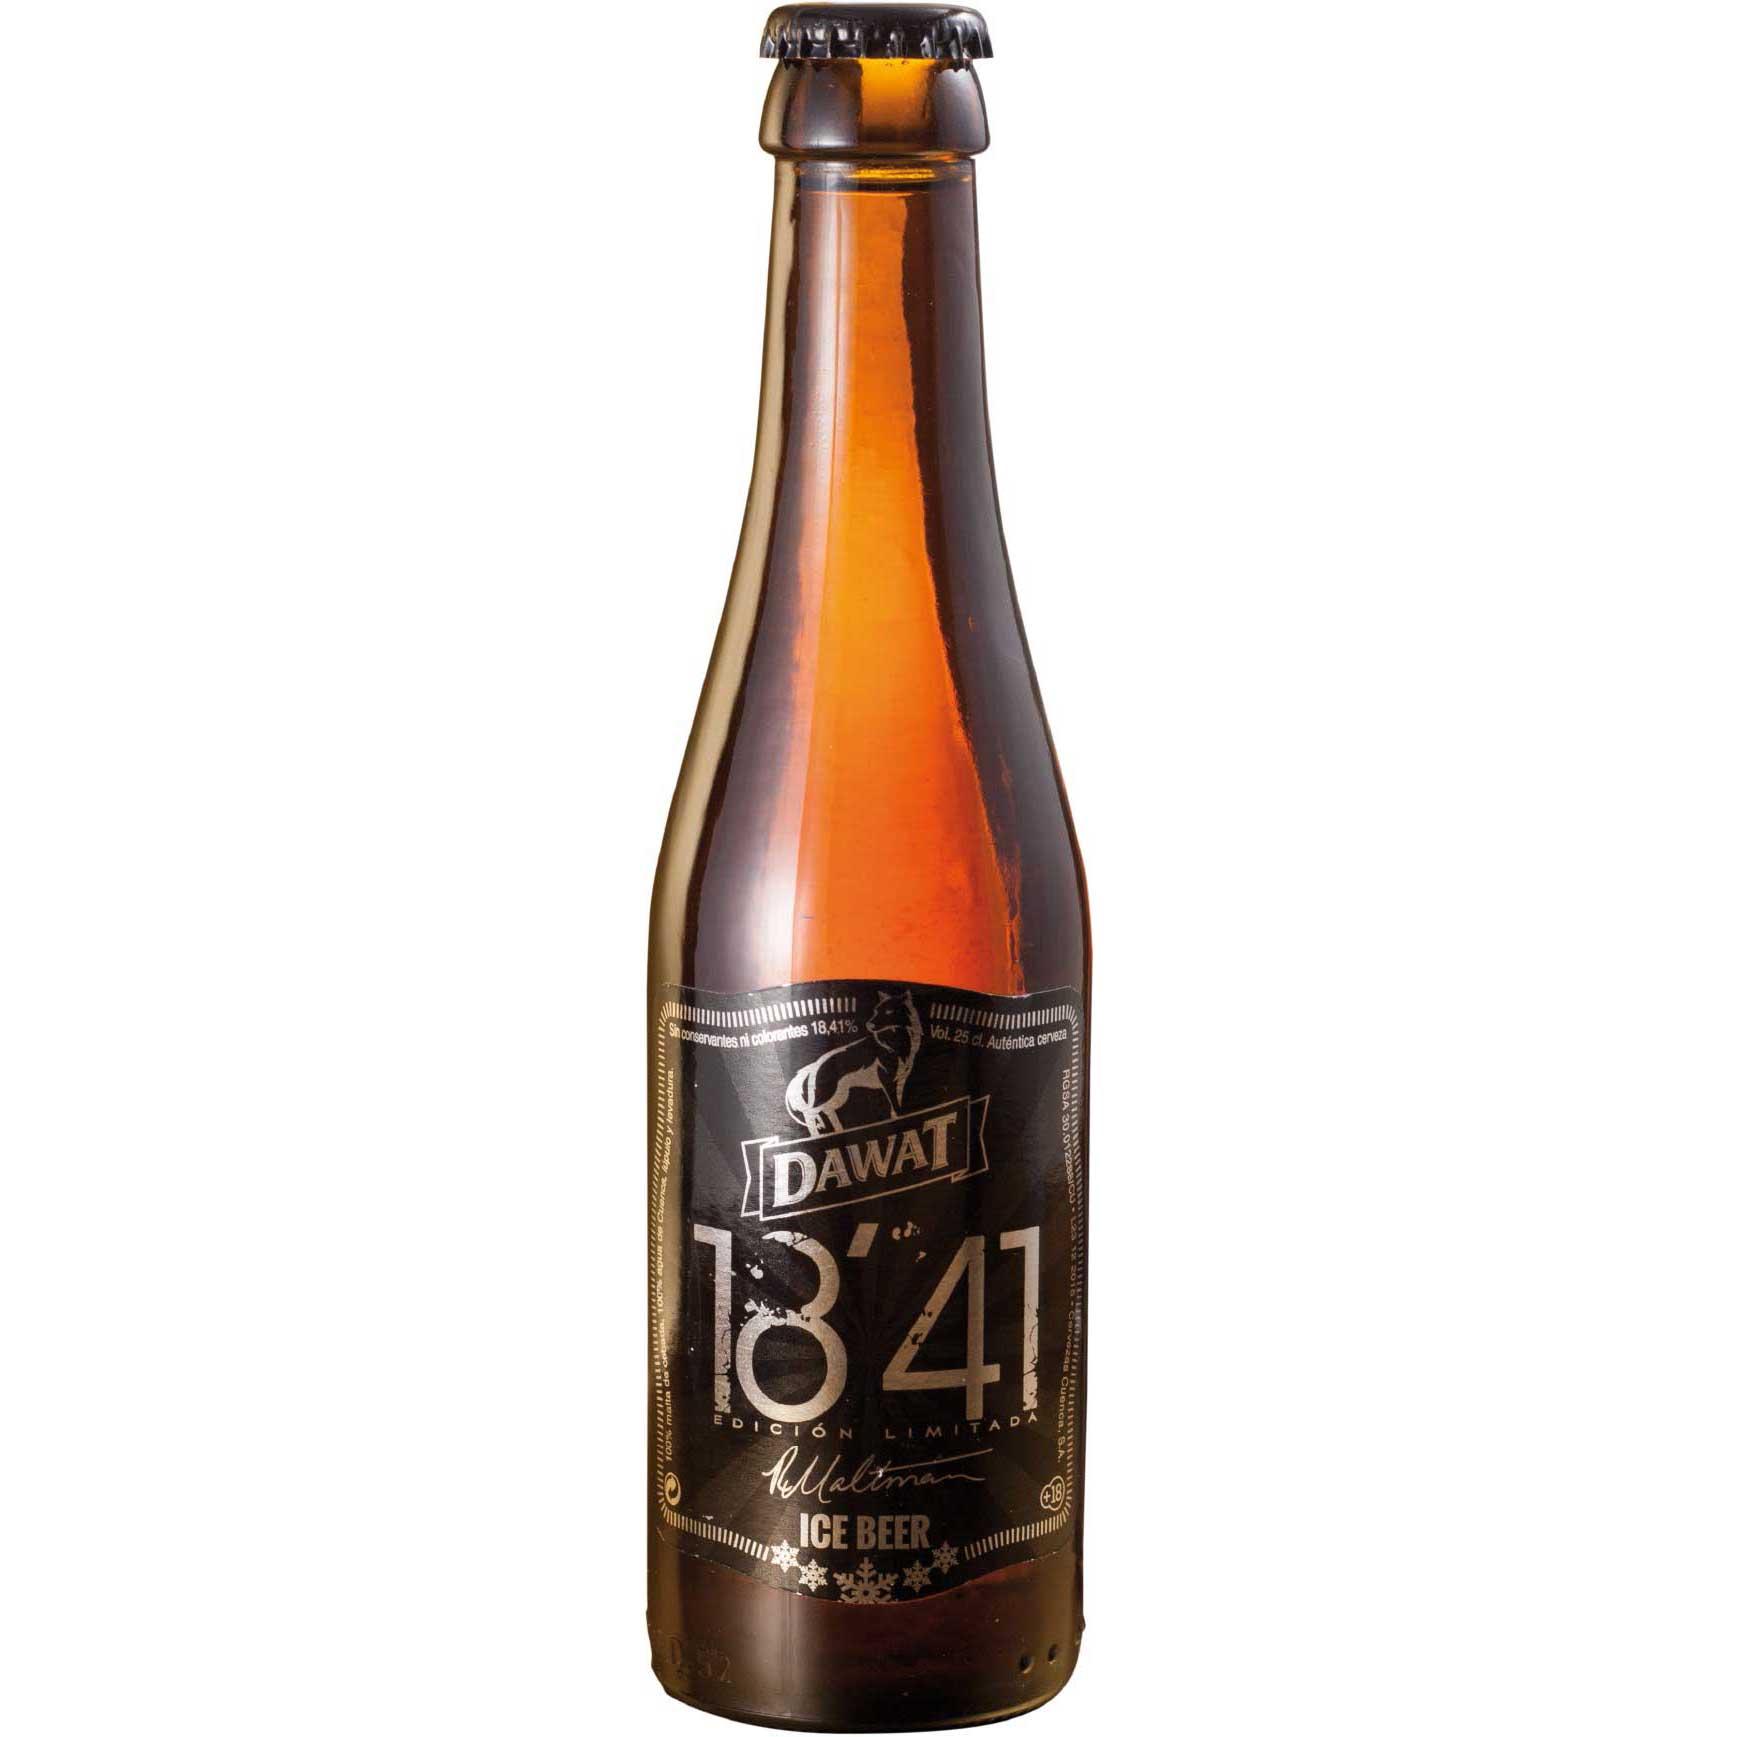 Comprar Cerveza Artesanal Dawat 18'41. Tipo Eisbock, Ice Beer, rubia, color ámbar. Muy alta graduación. Producto gourmet de Cuenca. Delicatessen Castilla-La Mancha.